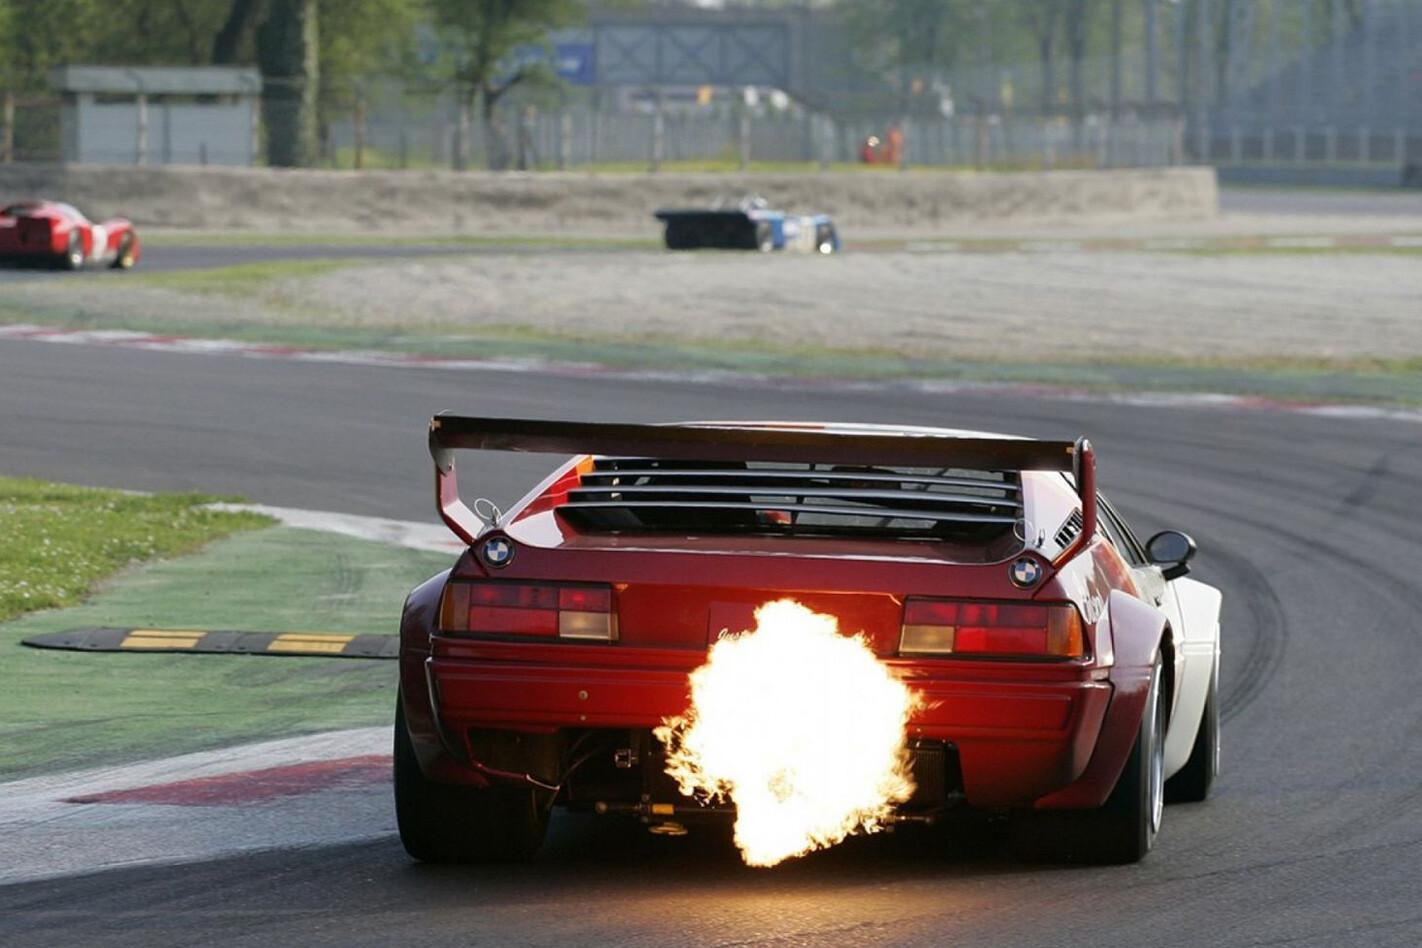 Bmw M 1 Procar Flames Jpg